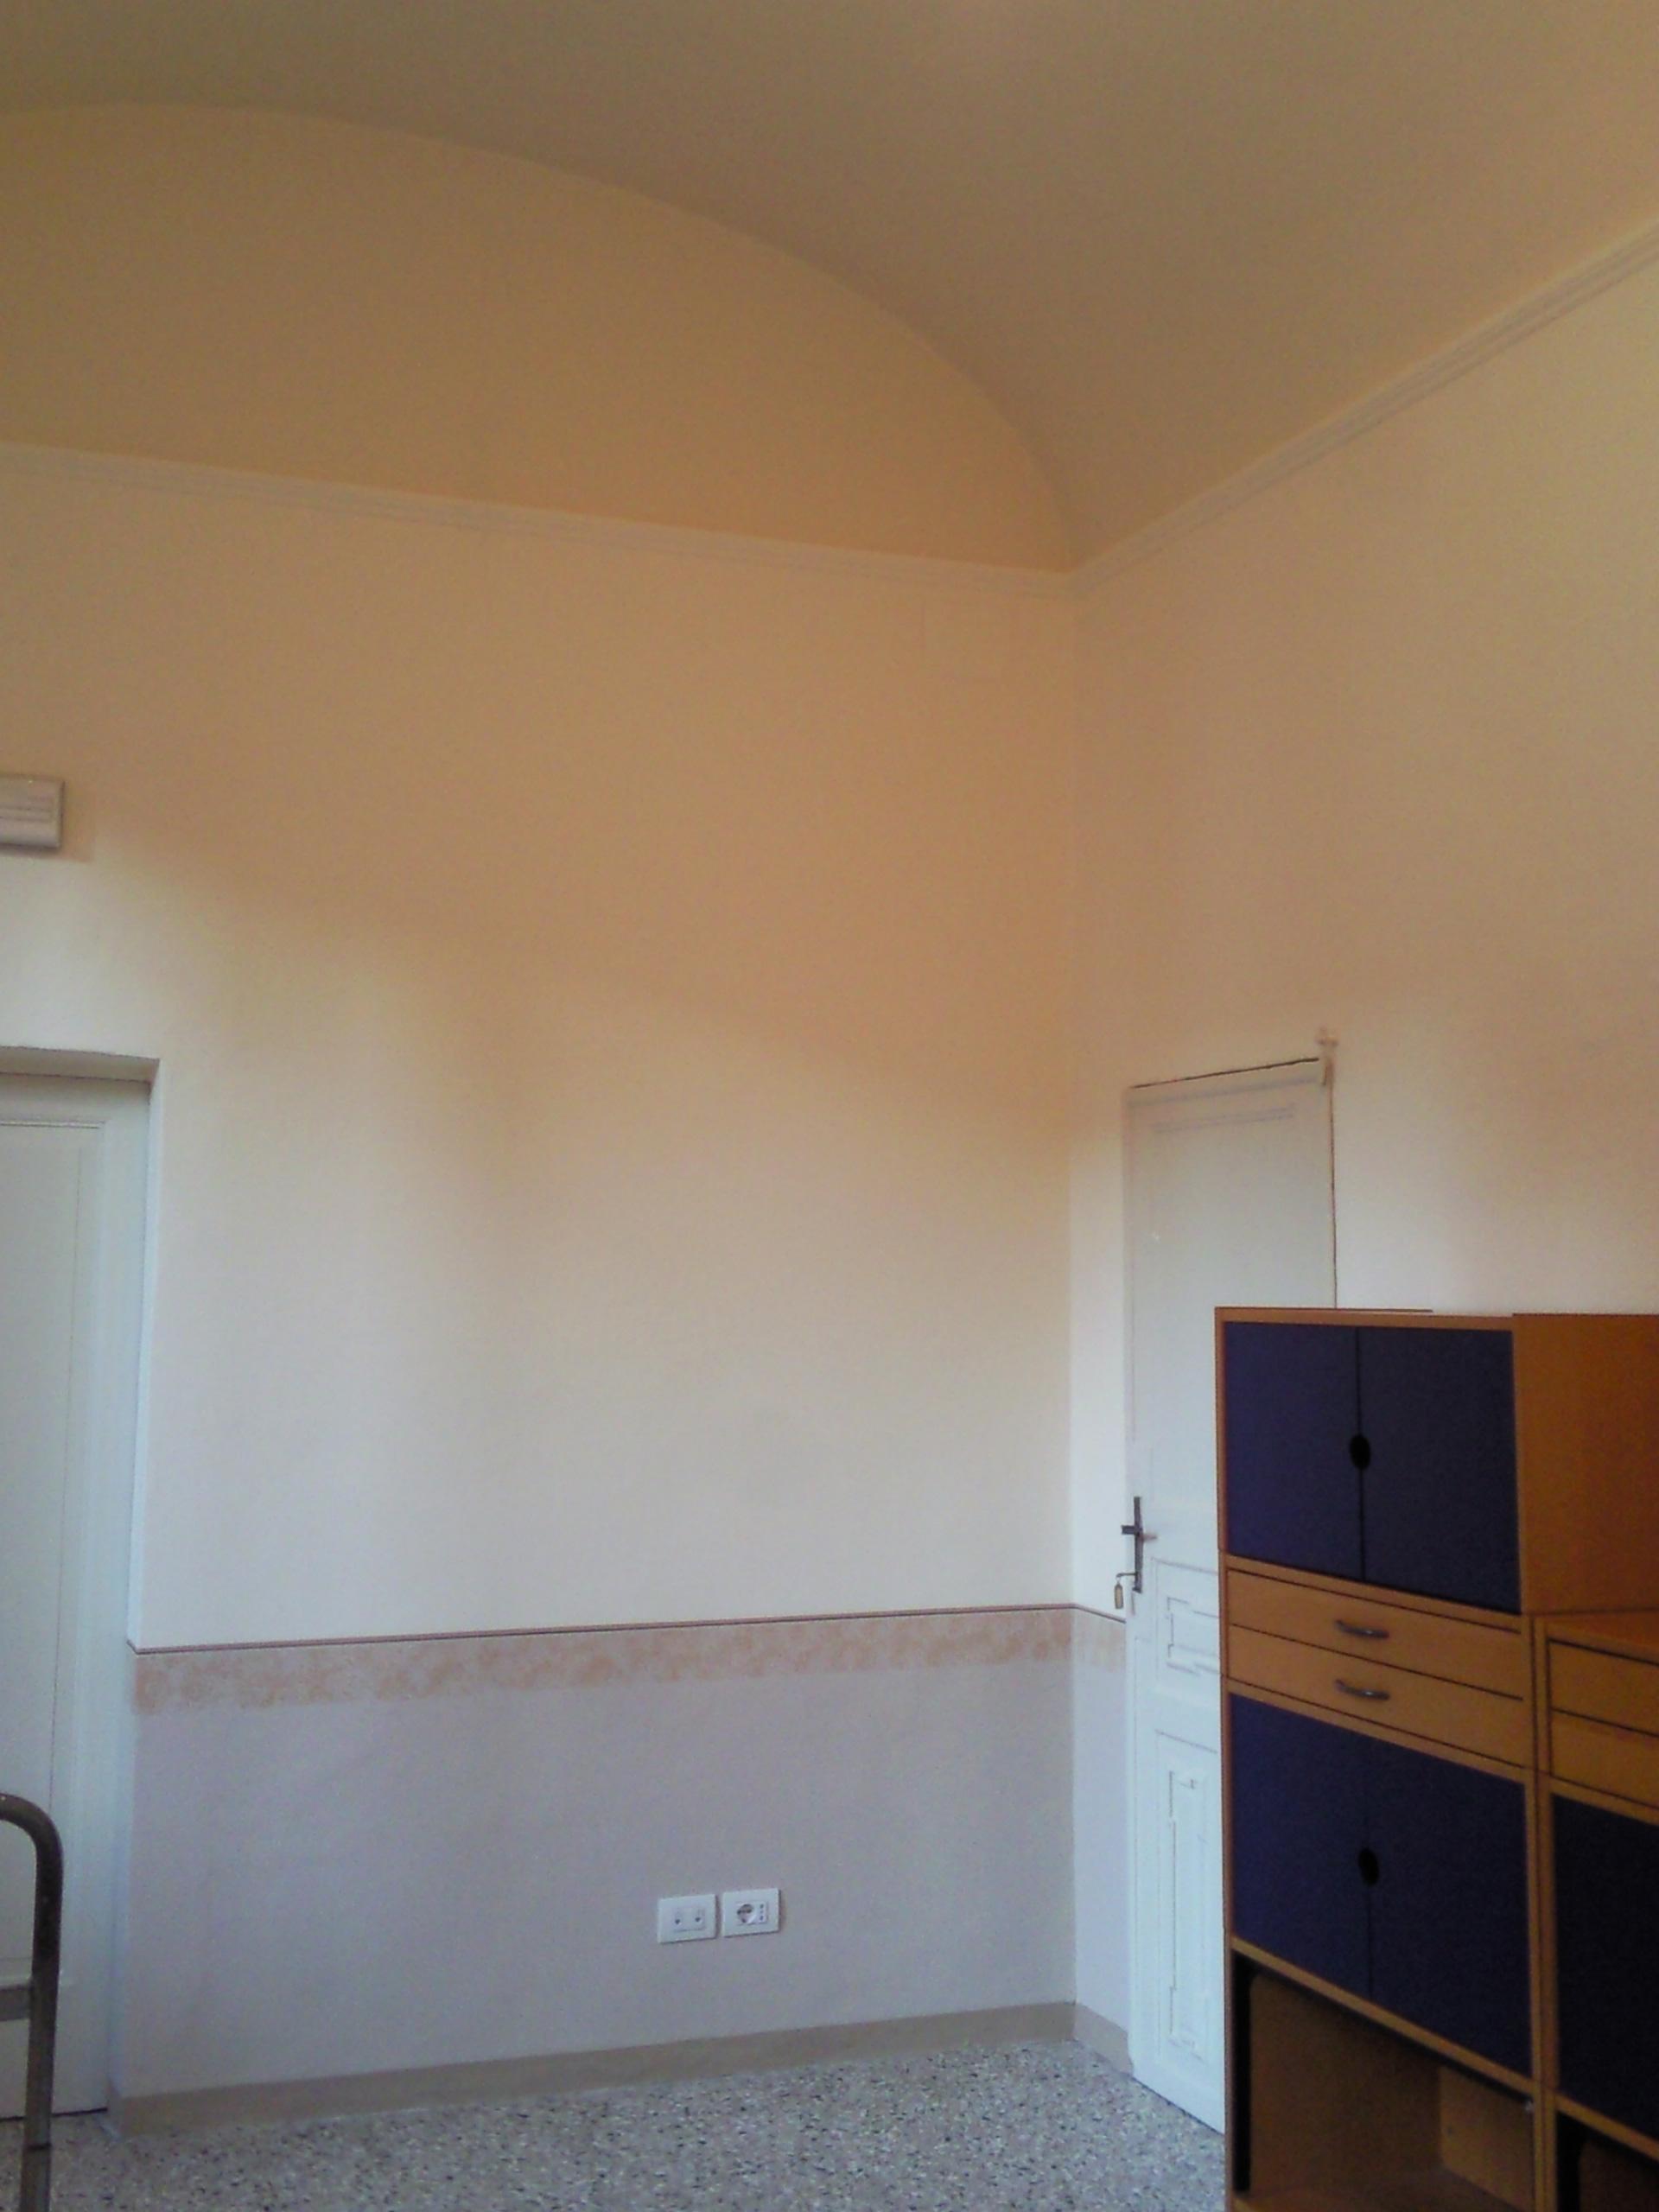 Decorazione a metà parete con effetto spugnato rosa dopo imbiancatura